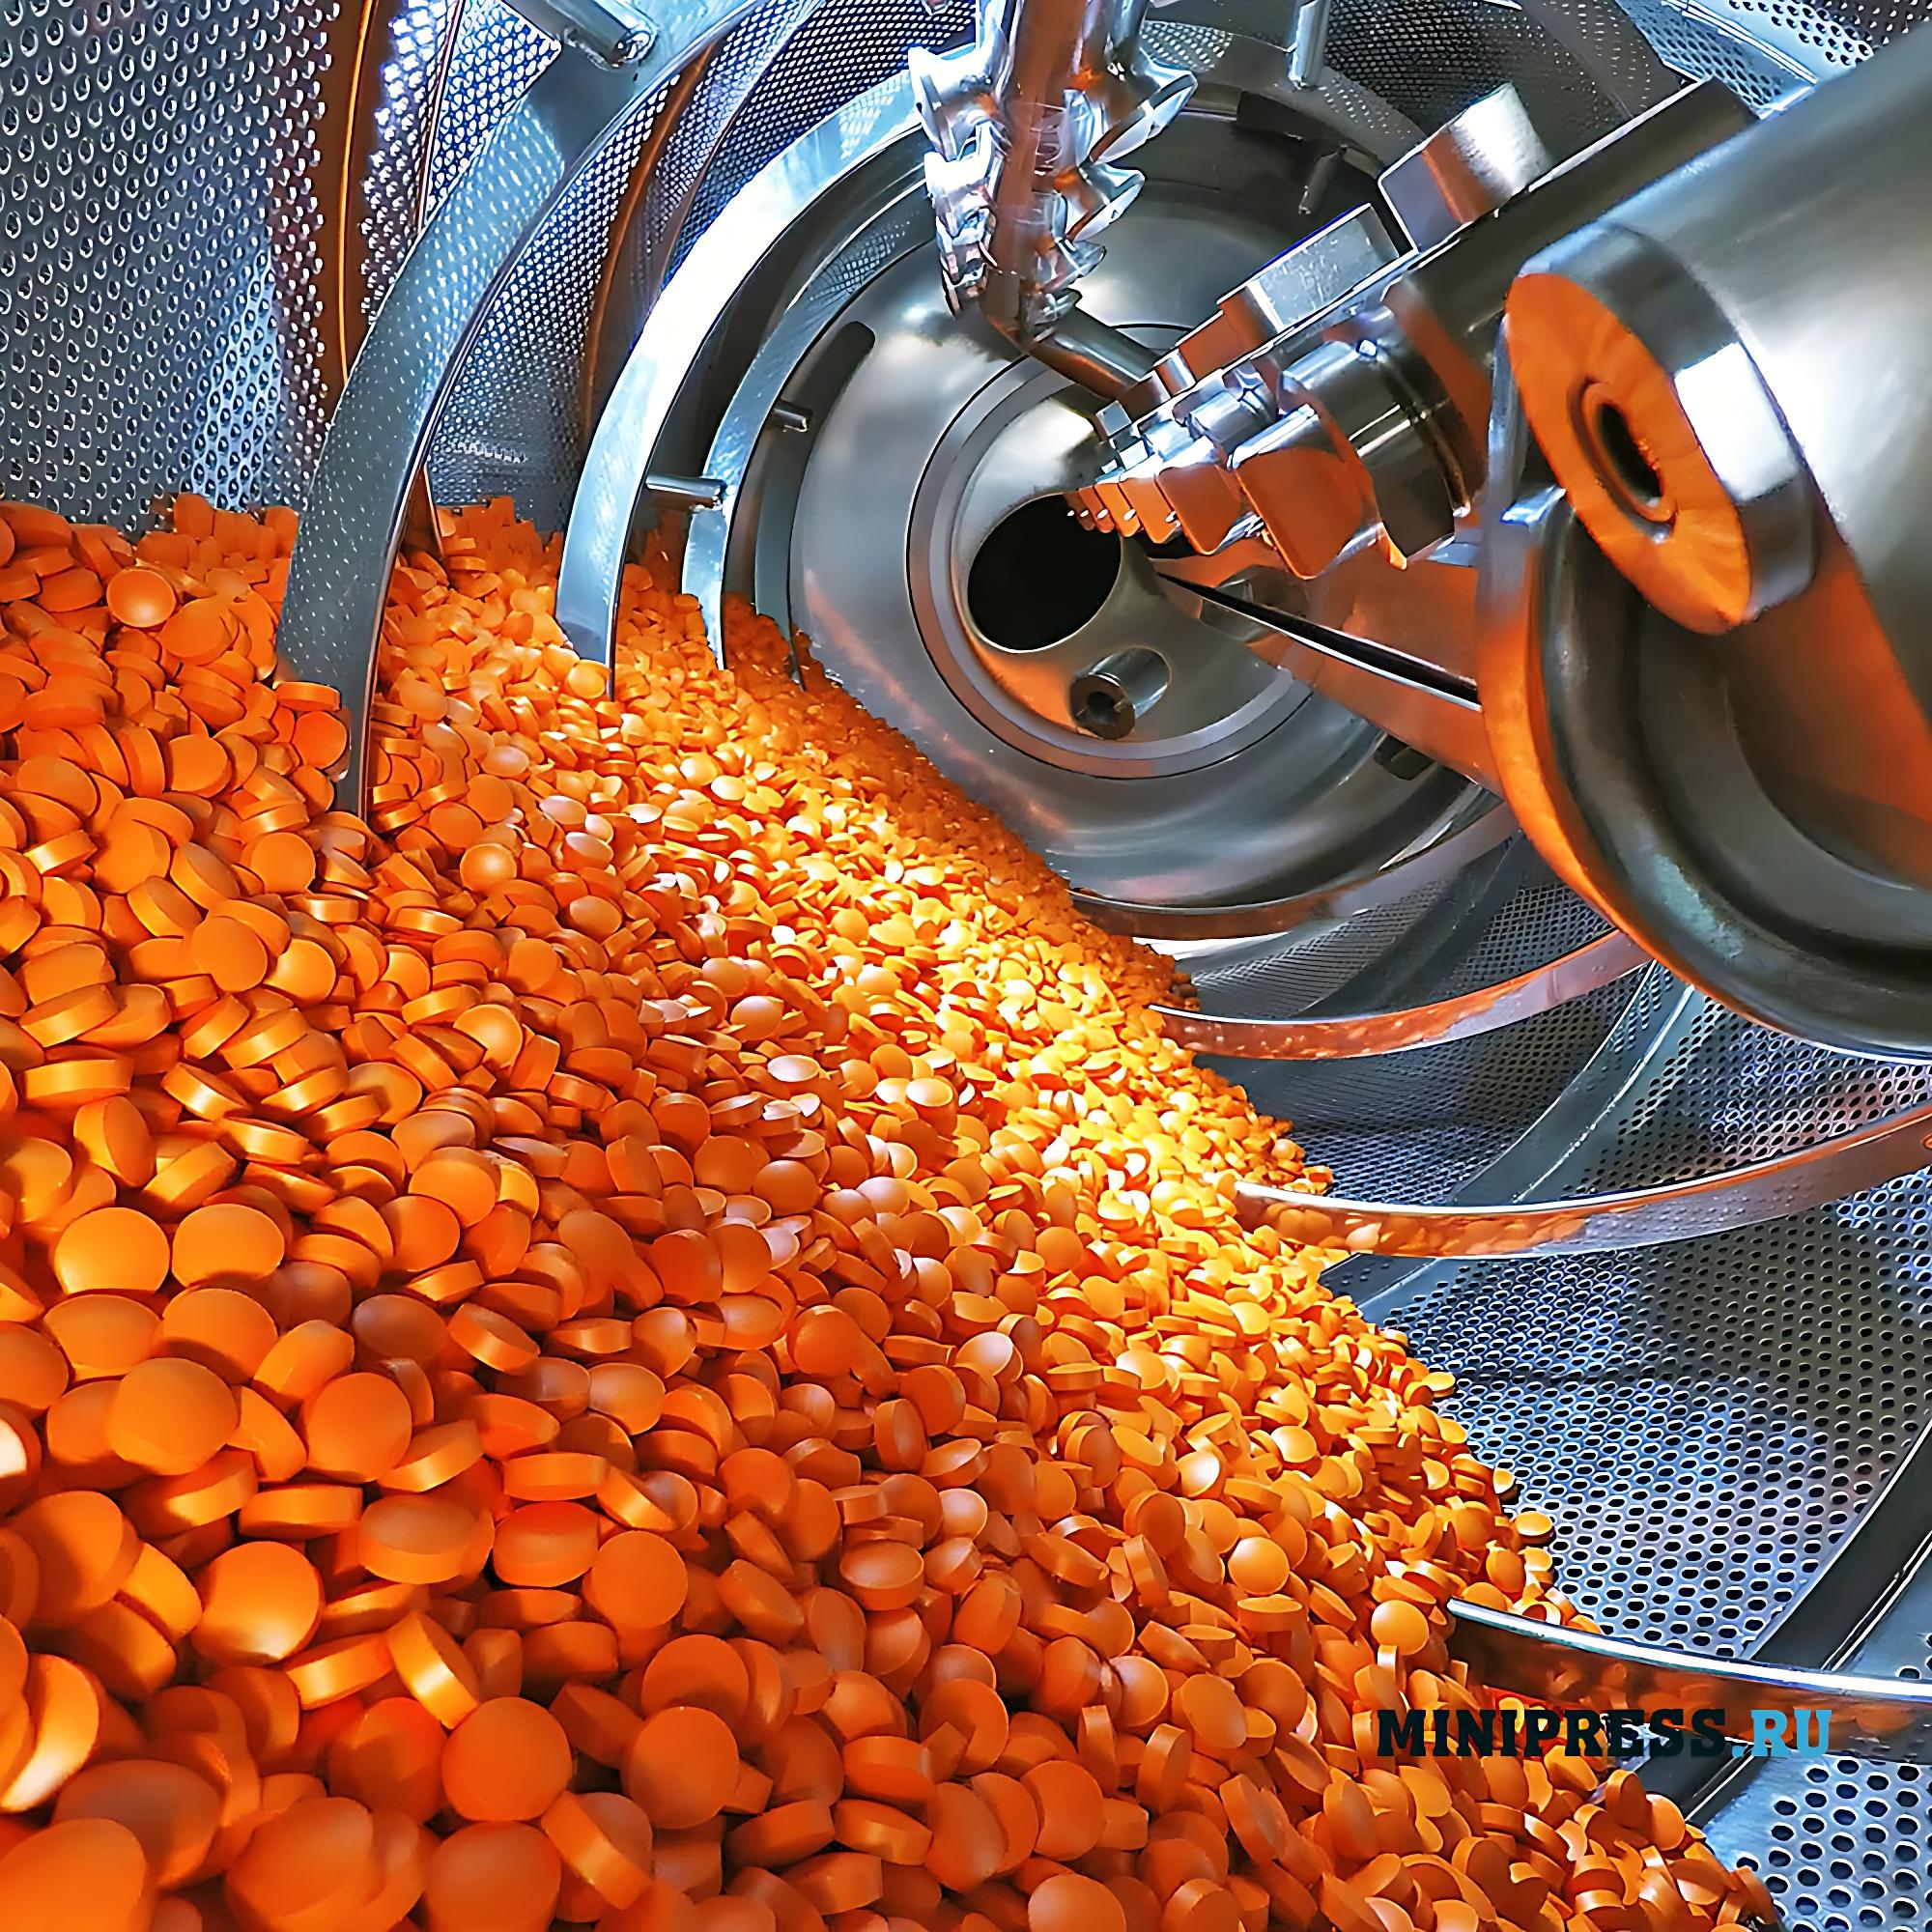 Машина для изготовления драже и покрытия таблеток оболочкой из полимерных материалов